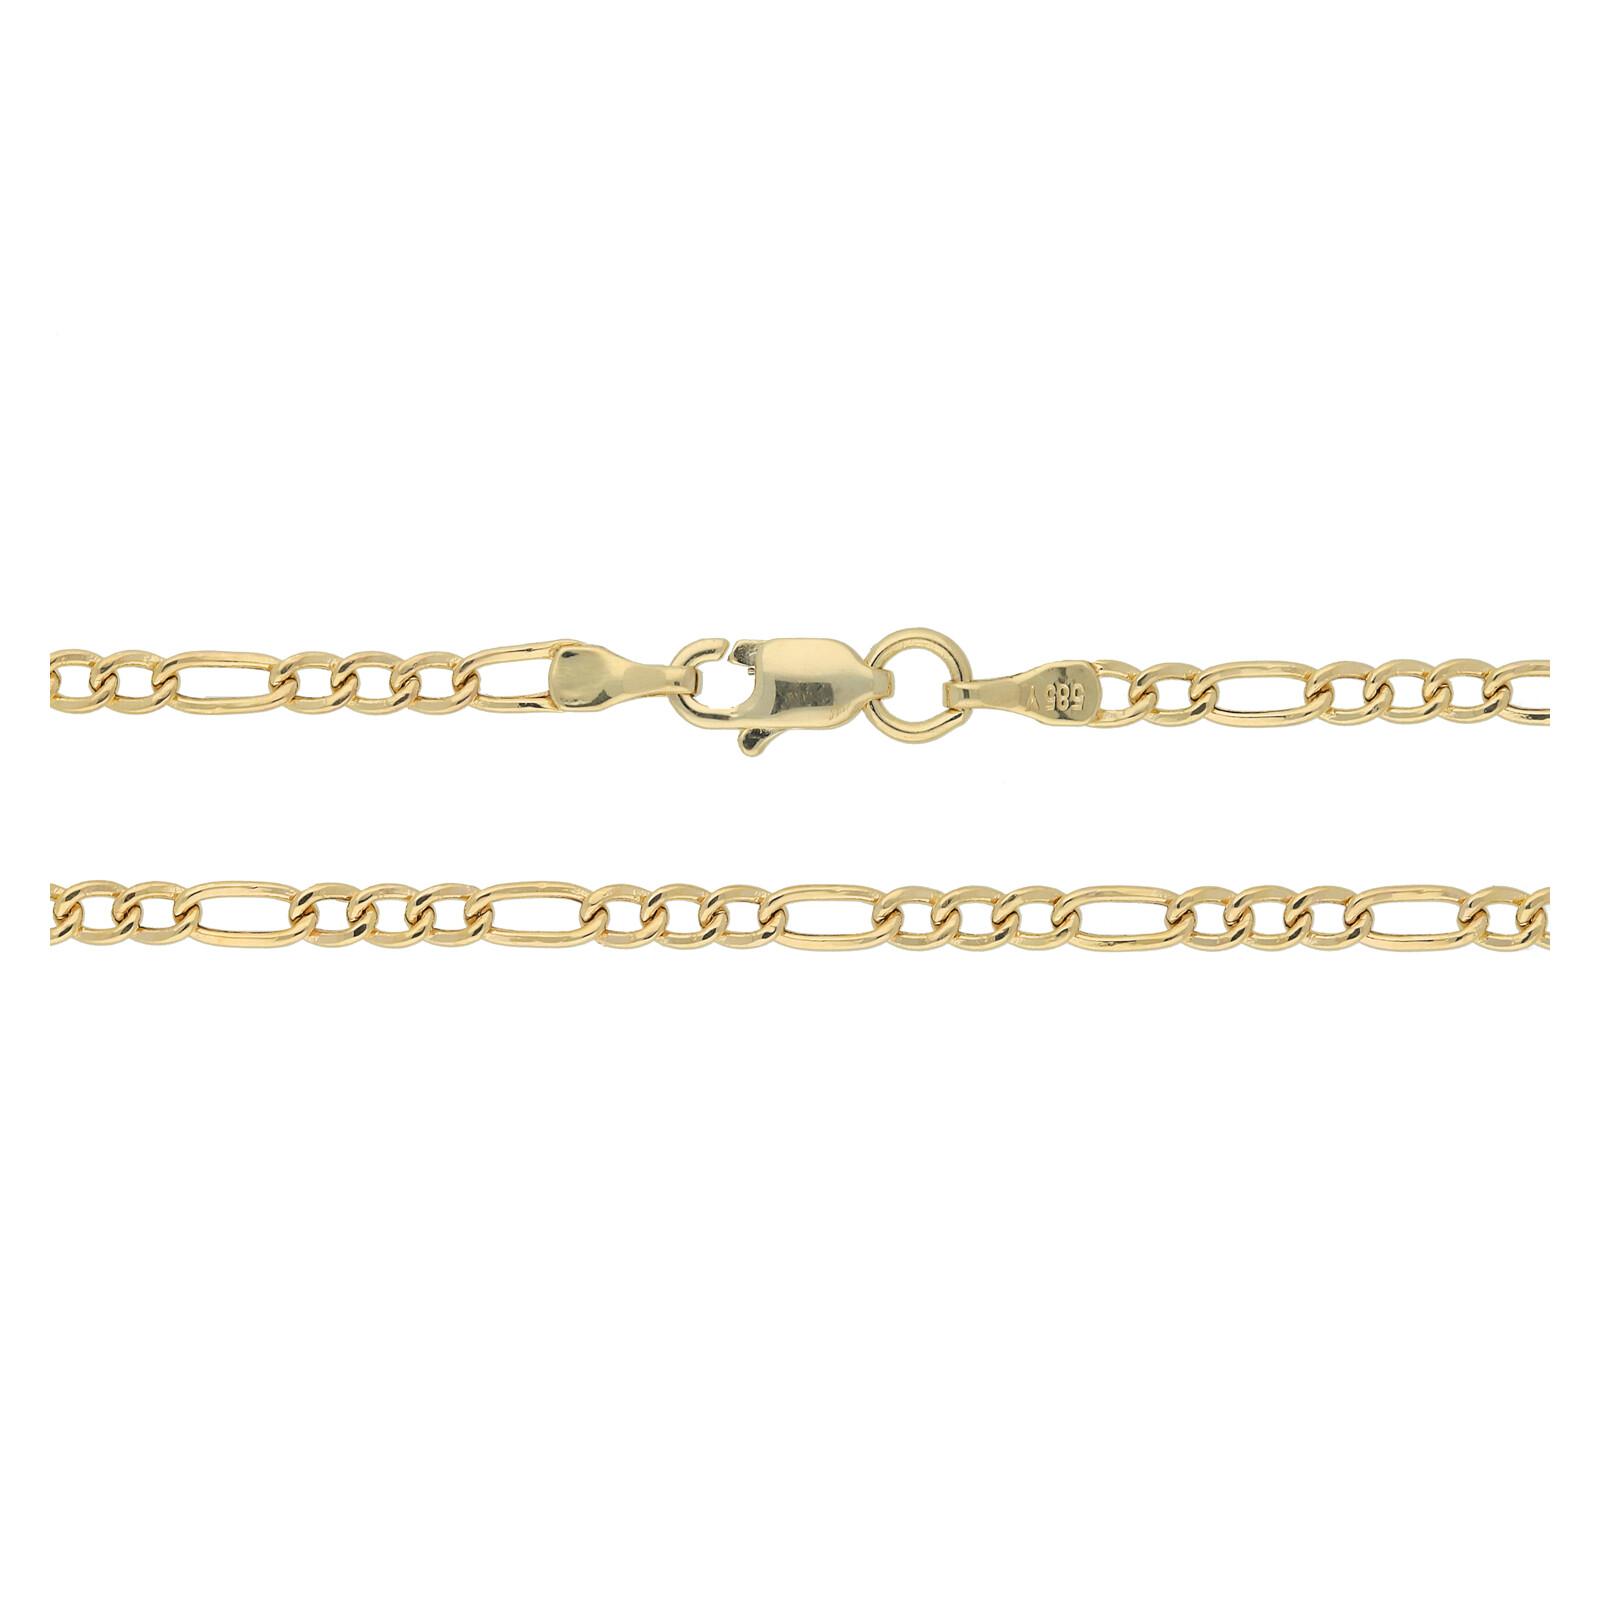 Goldfigarokette 50cm